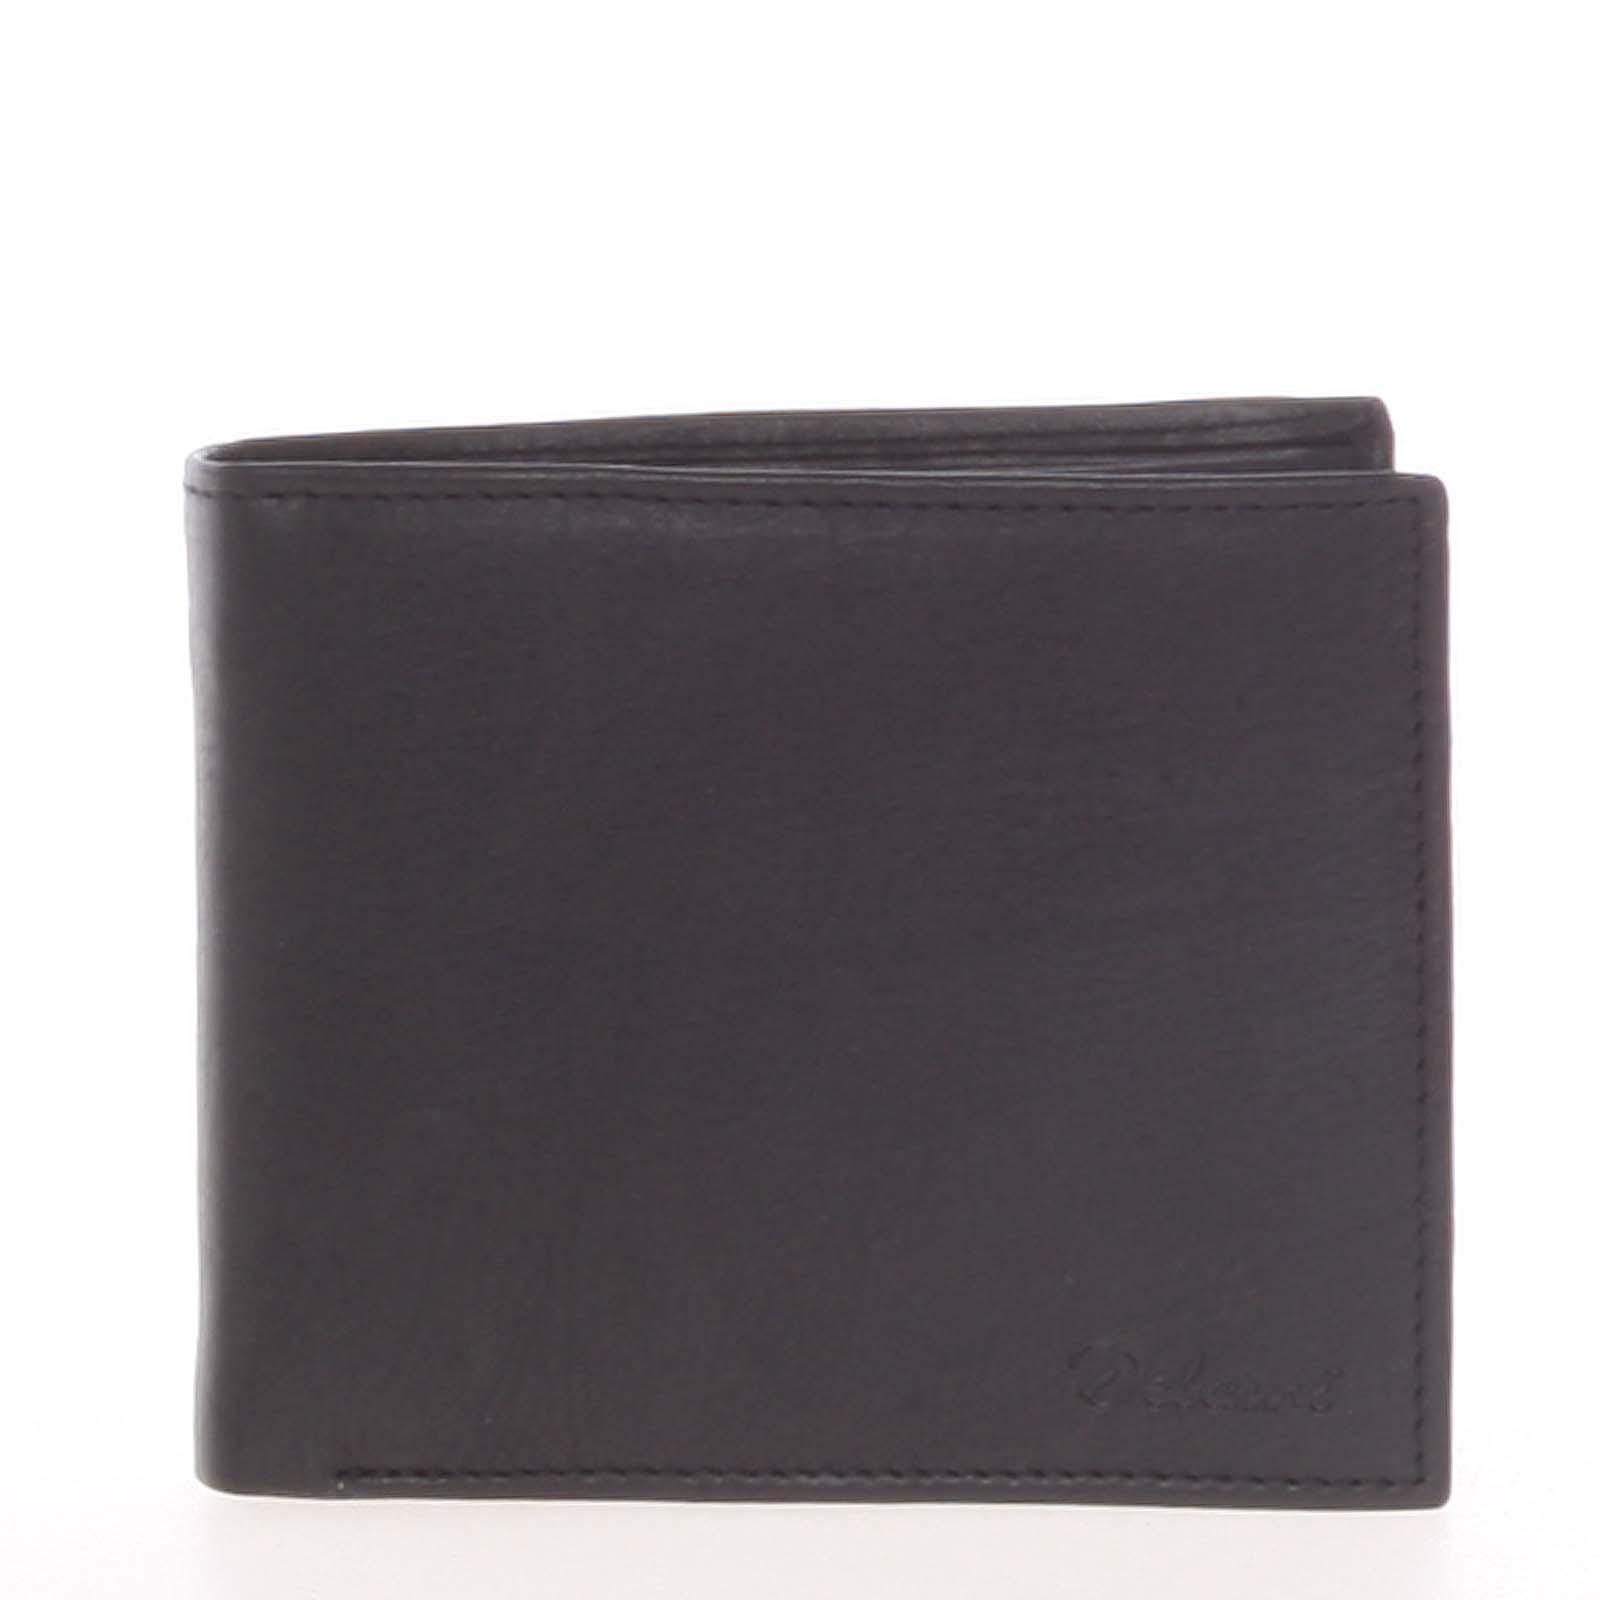 Pánska kožená voľná čierna peňaženka - Delami 8222 čierna